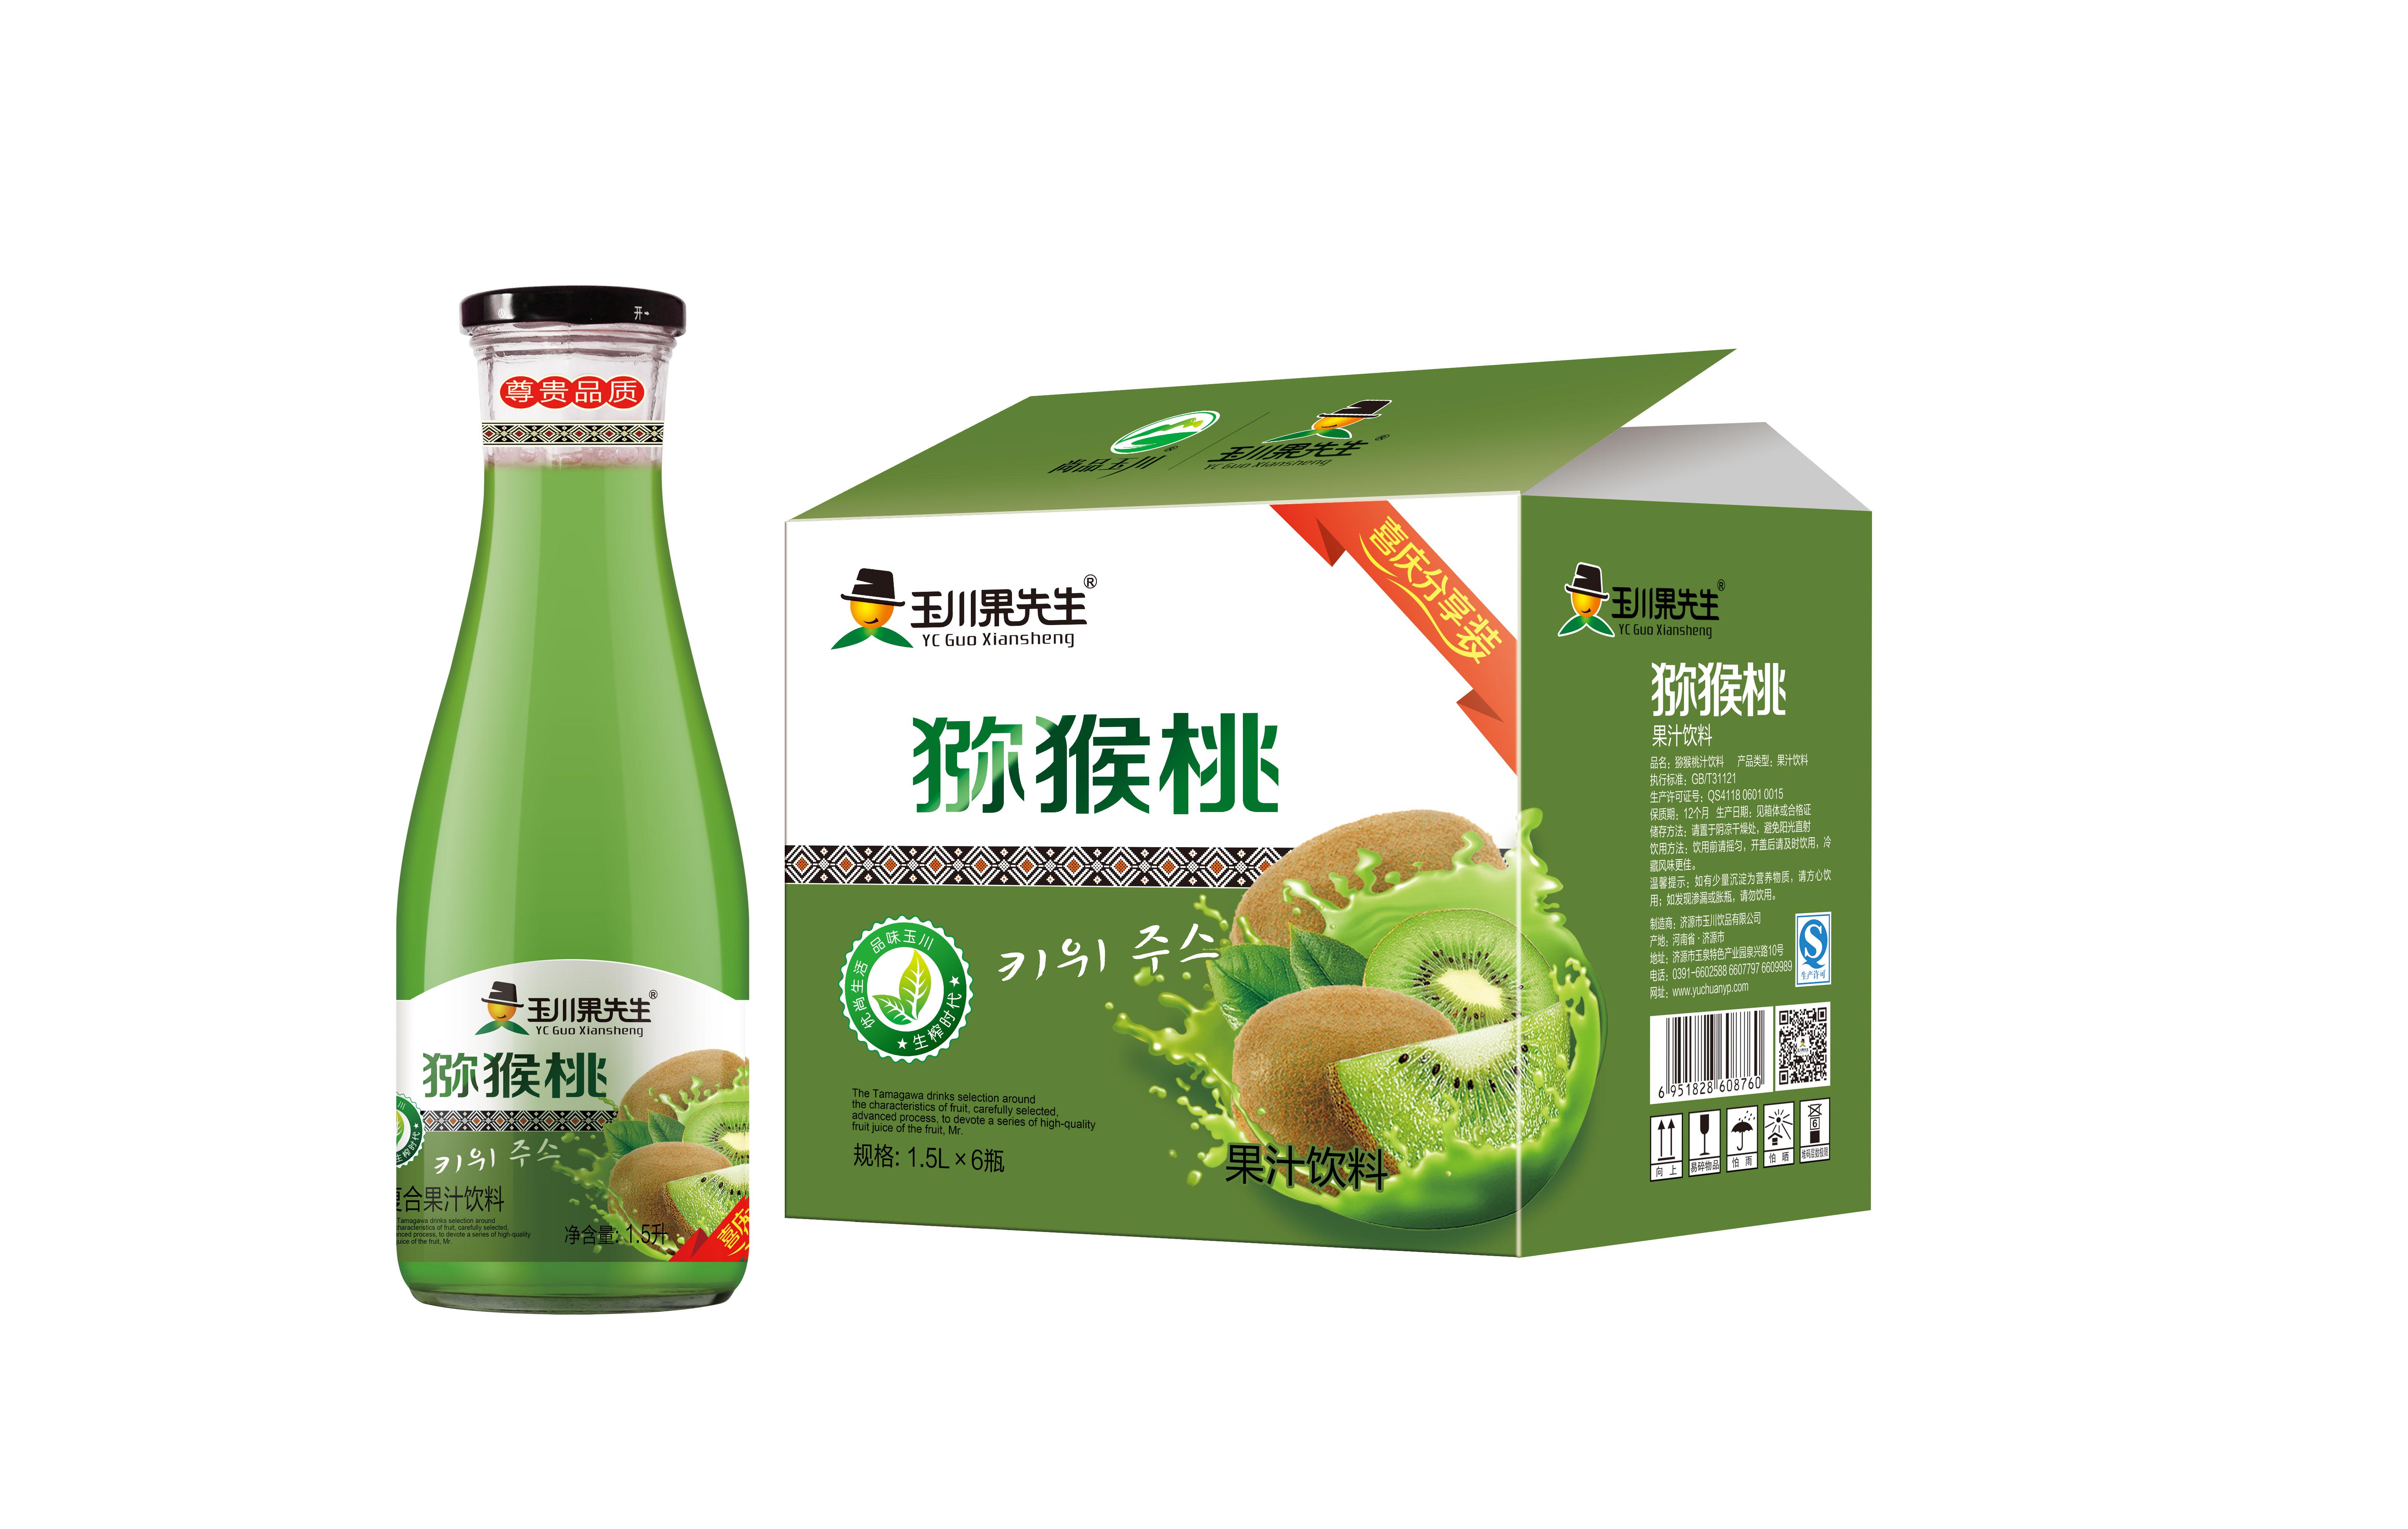 1.5L×6 玉川果先生63#猕猴桃果汁饮料